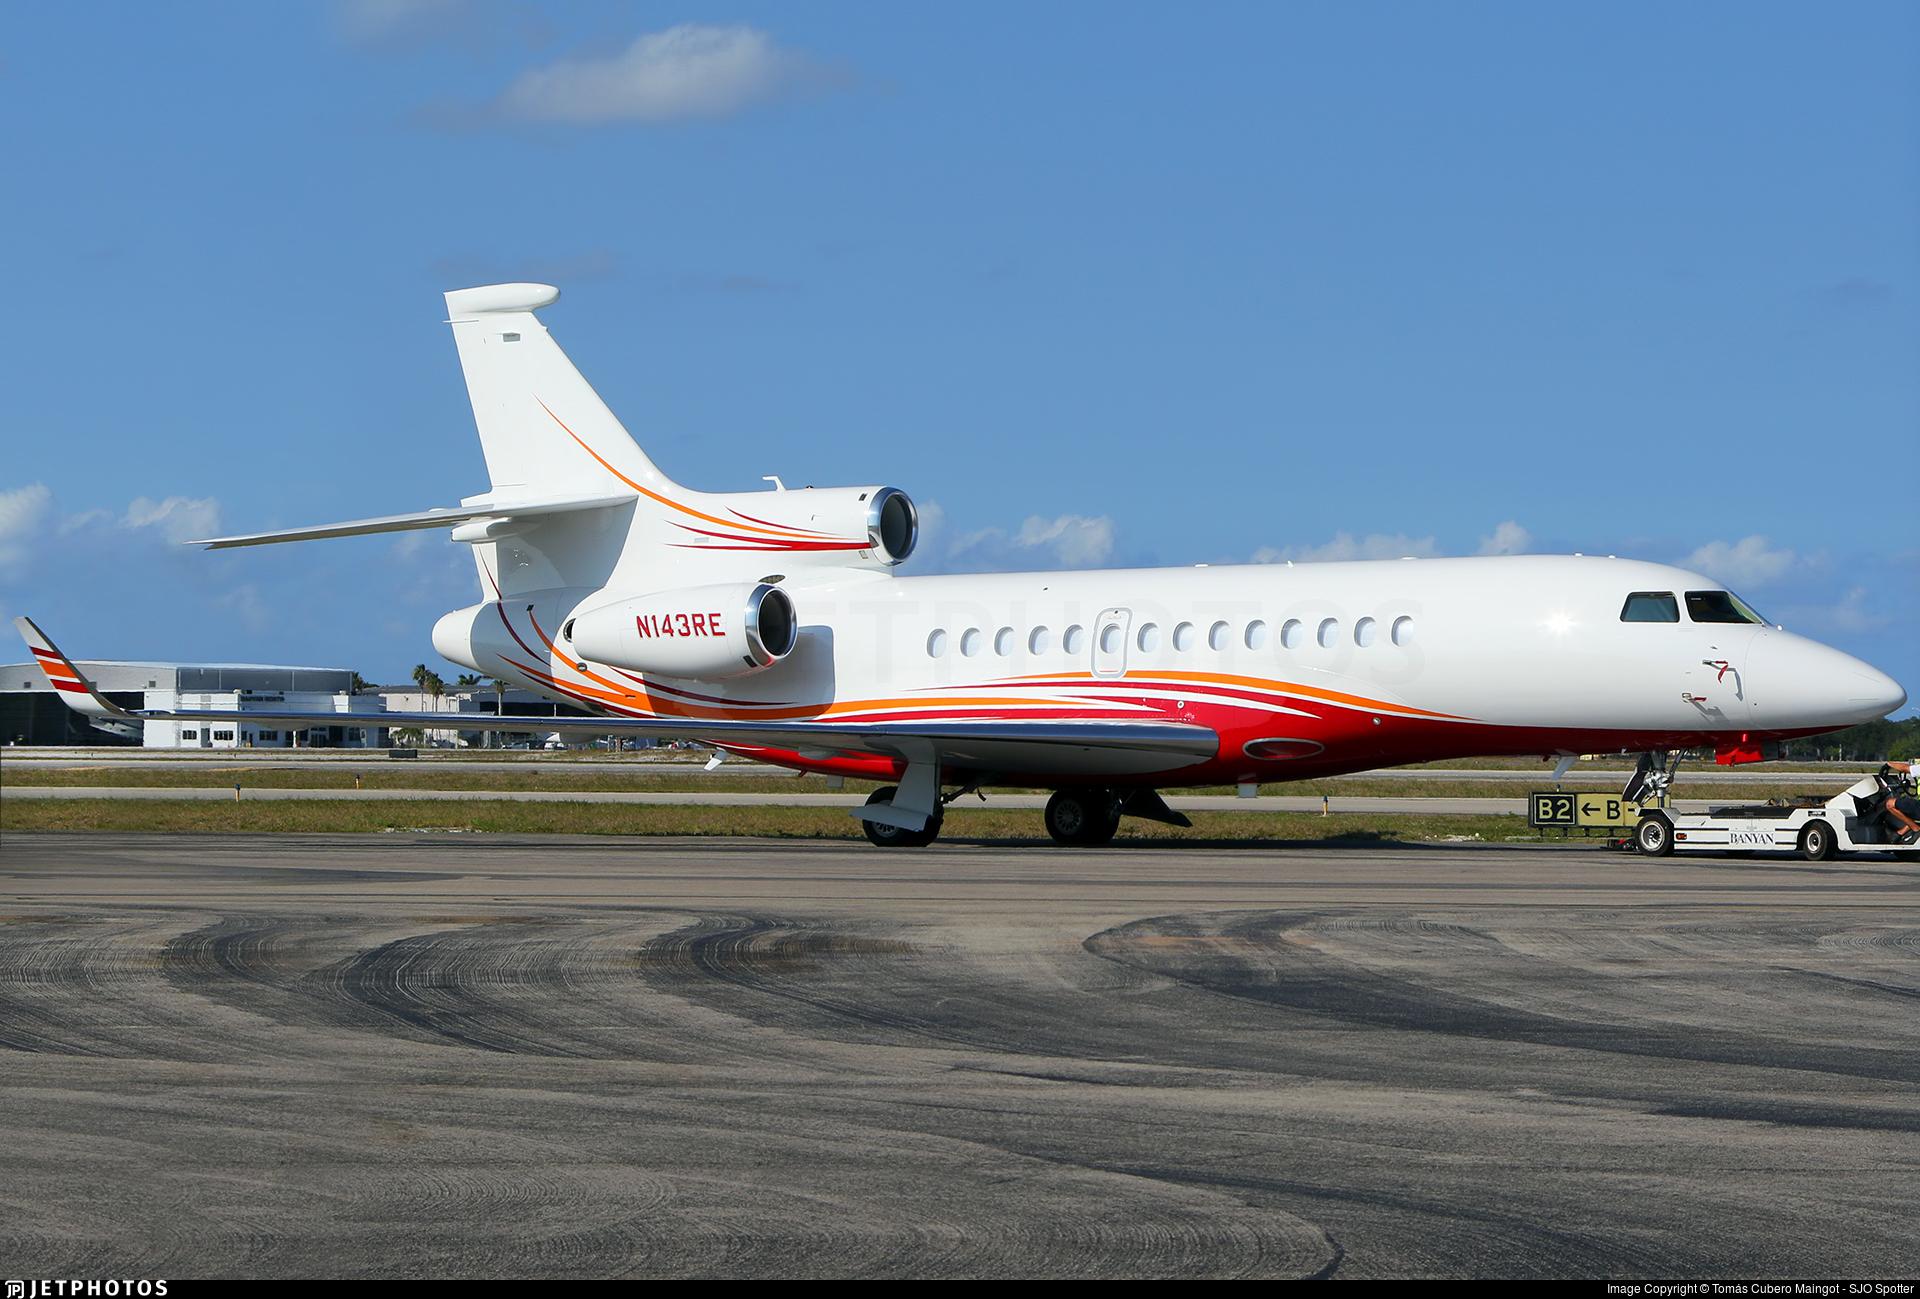 N143RE - Dassault Falcon 7X - Private